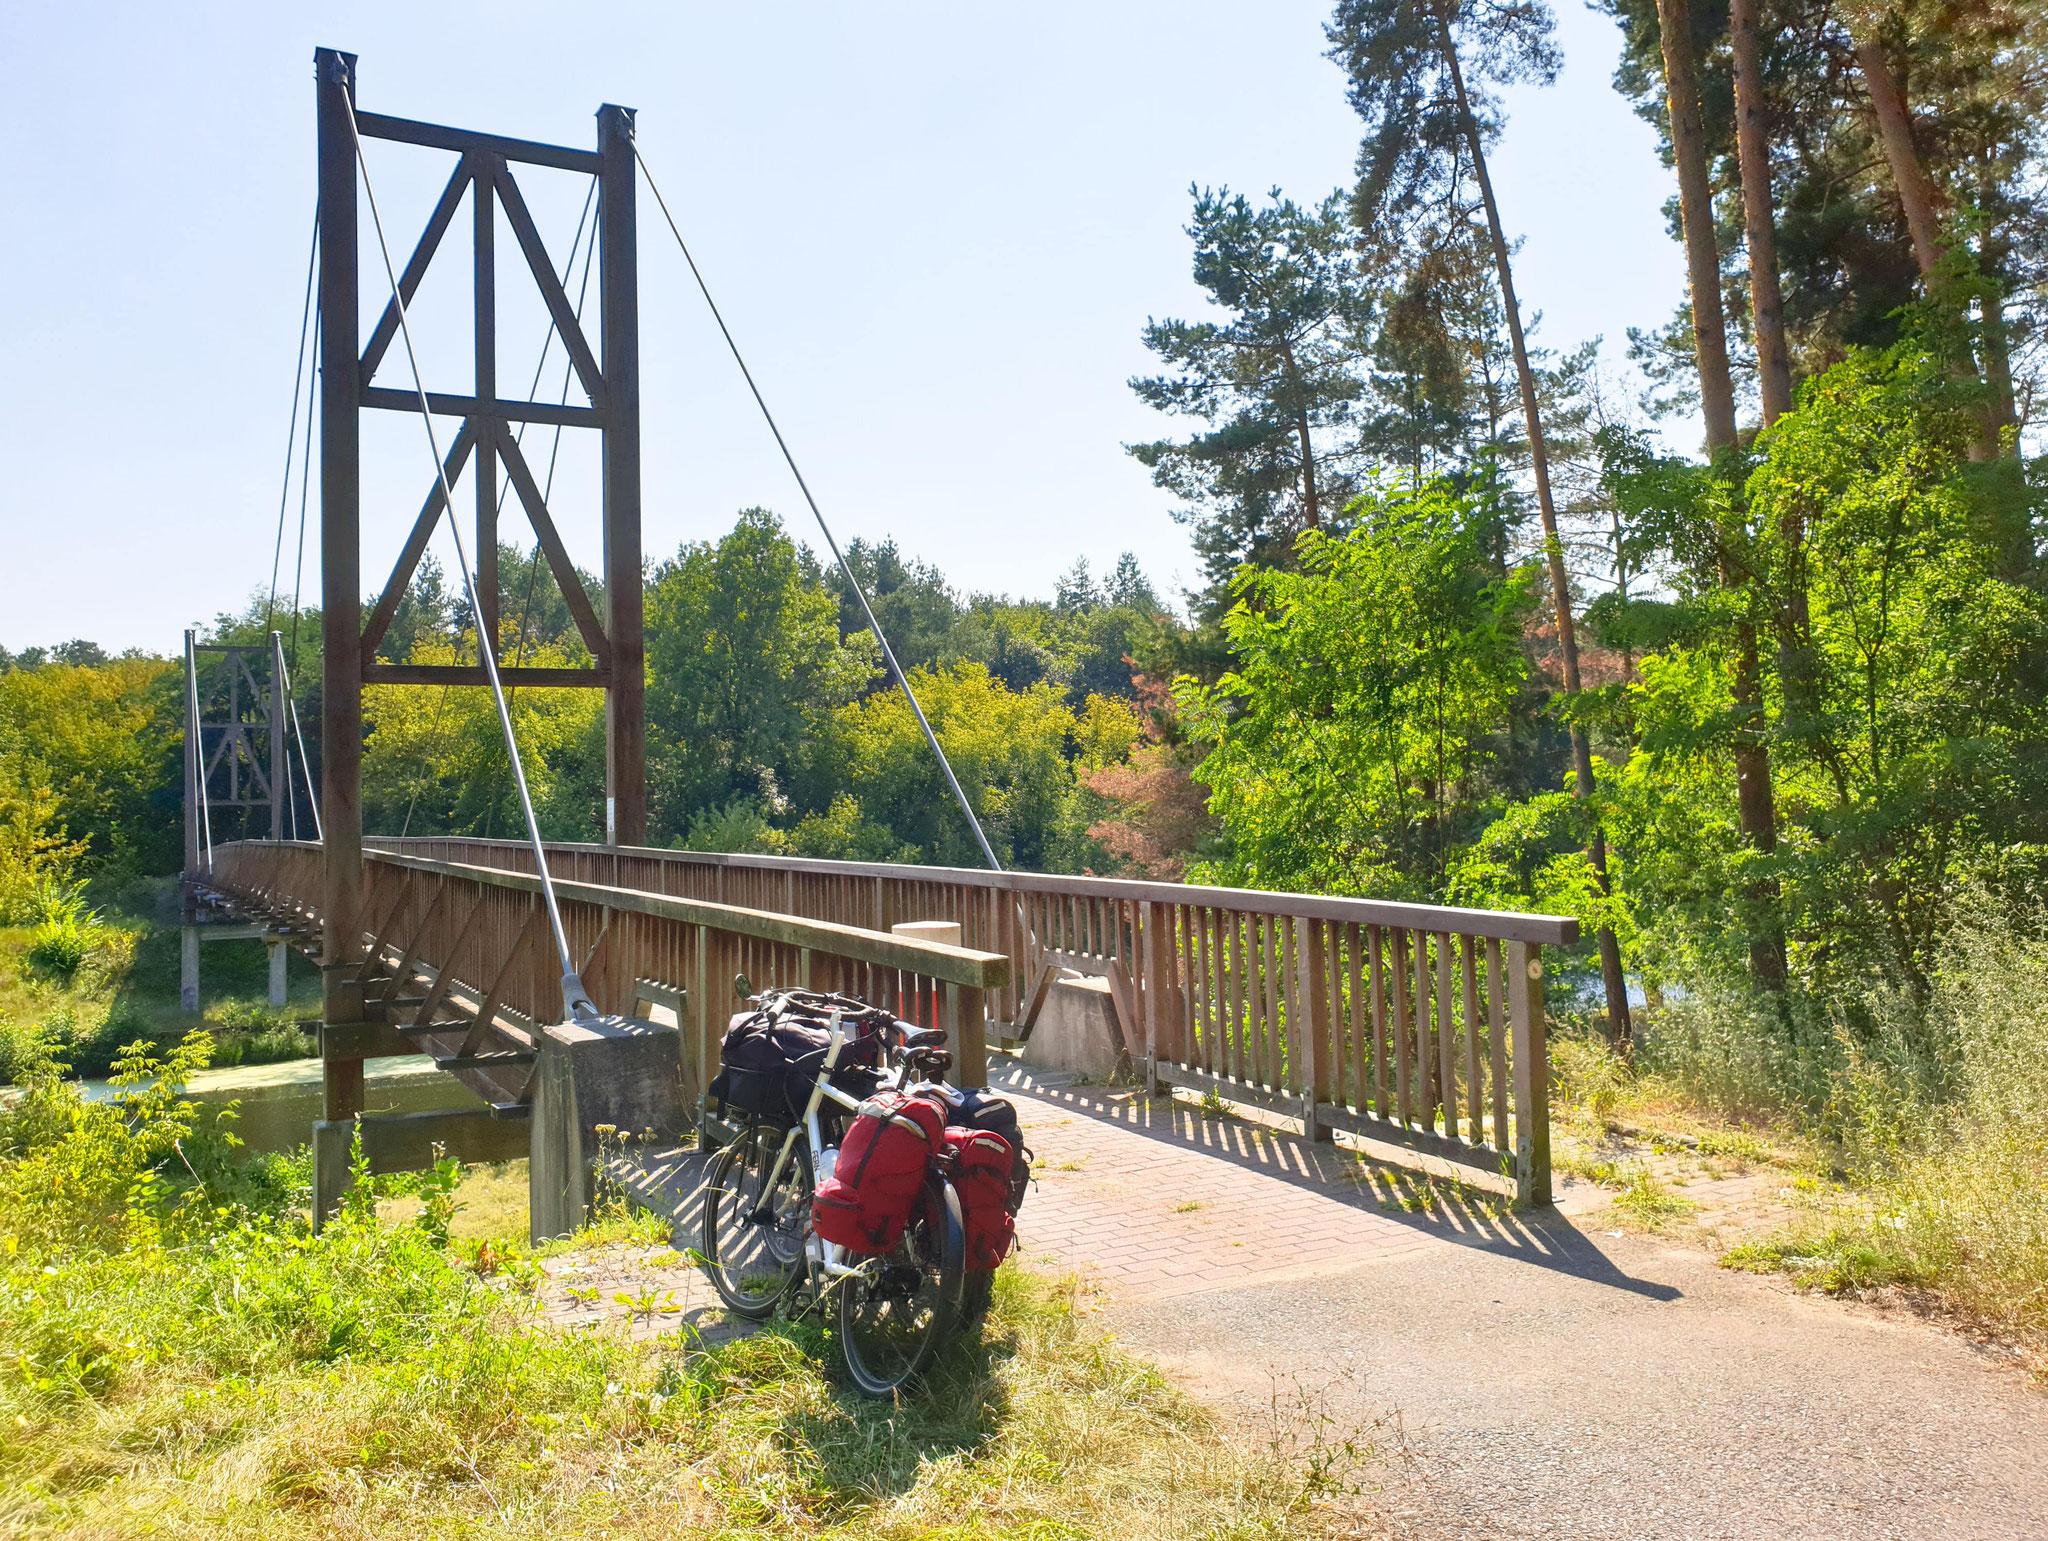 Querung Oder-Spree-Kanal